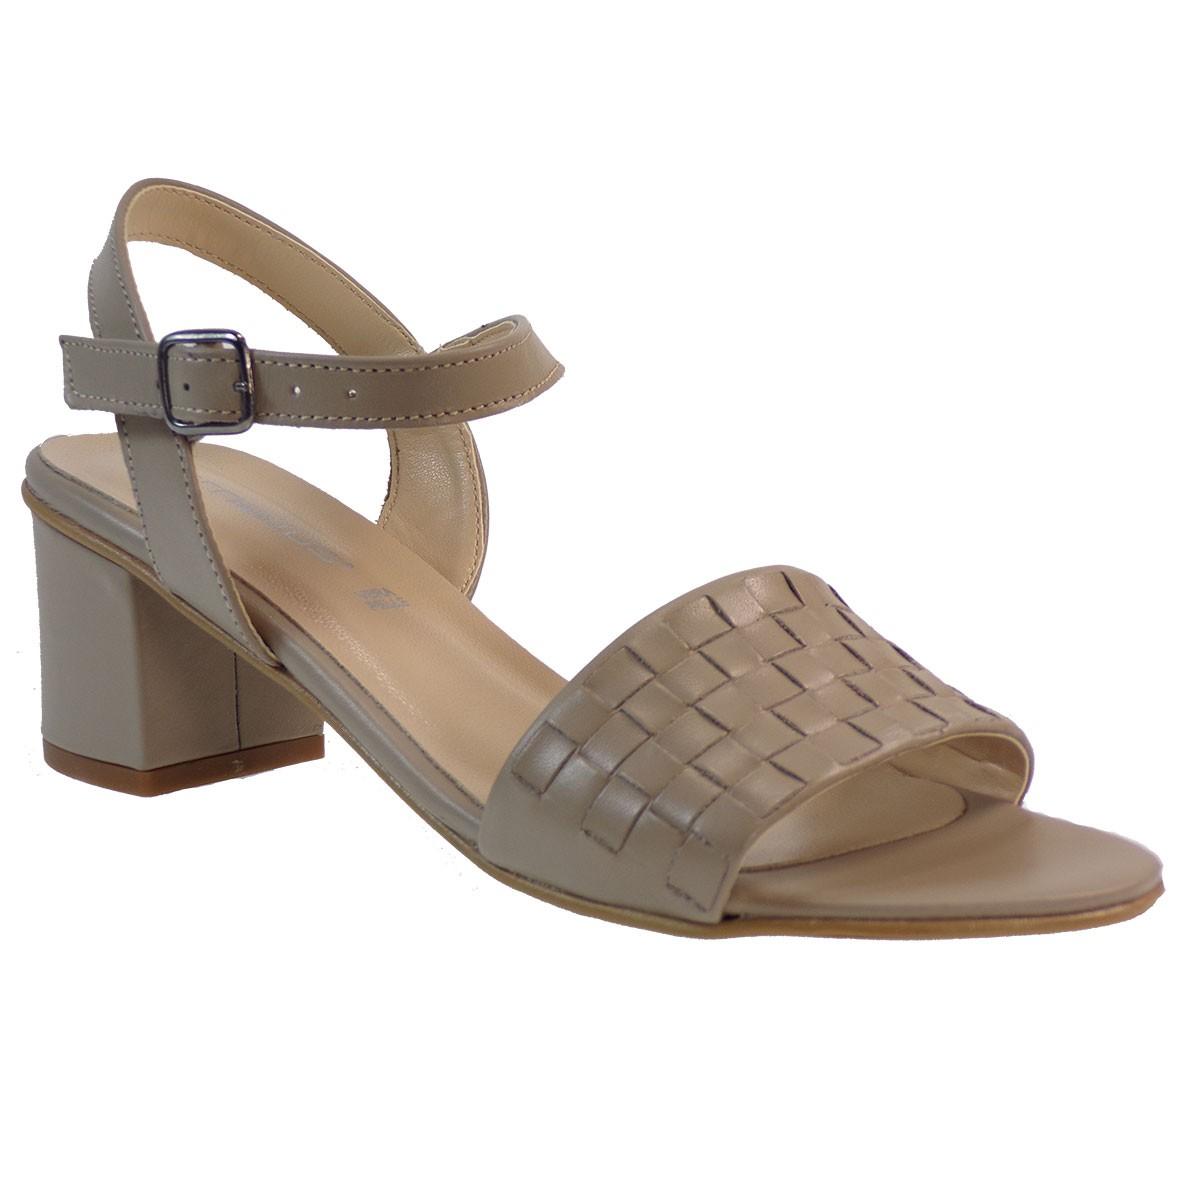 Cornelius Shoes Γυναικεία Πέδιλα 31-260 Taupe